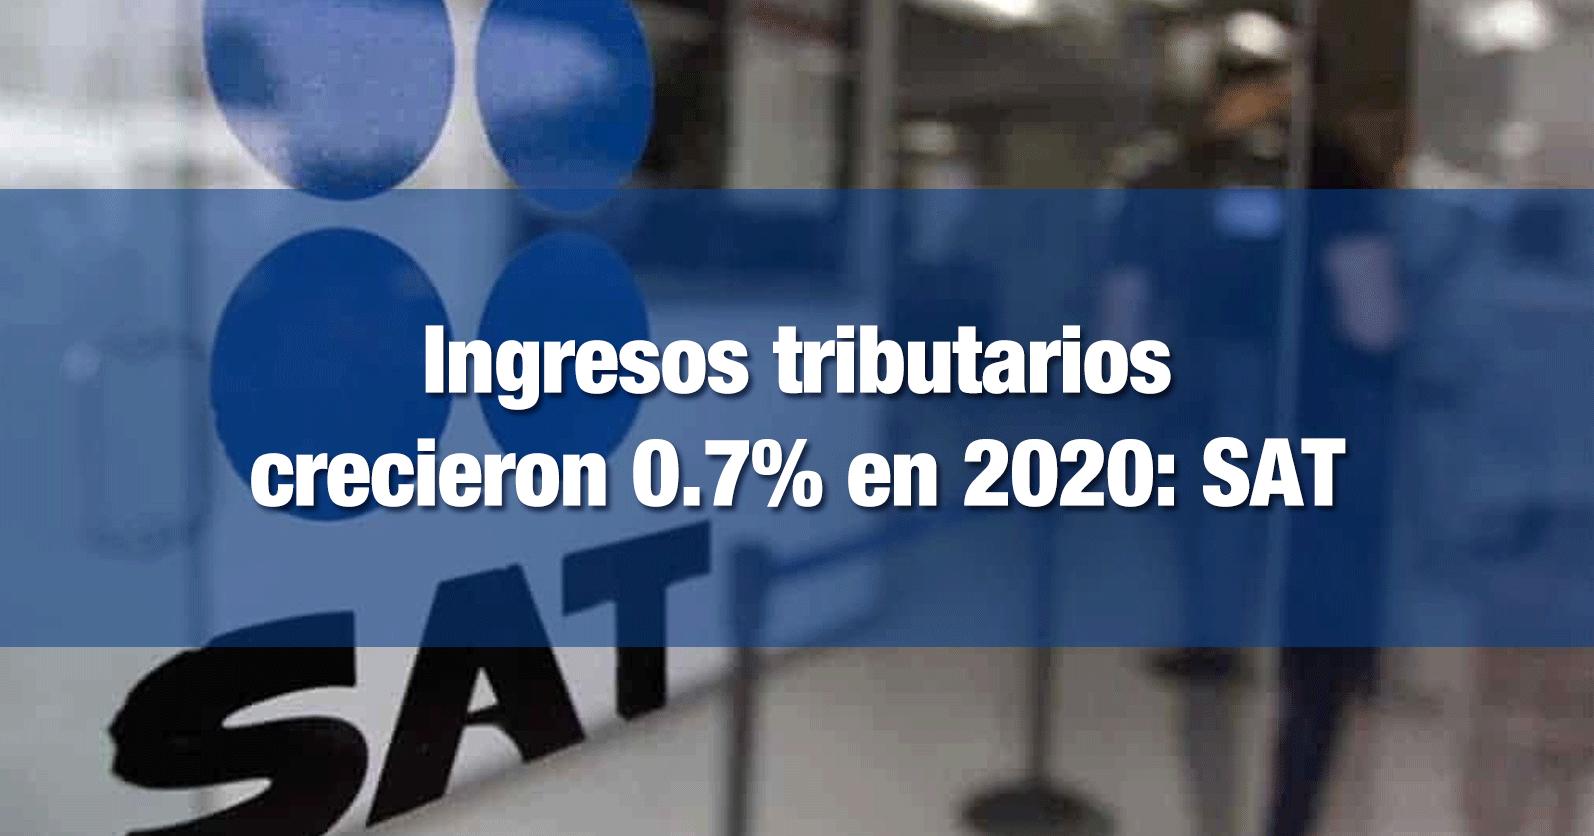 Ingresos tributarios crecieron 0.7% en 2020: SAT